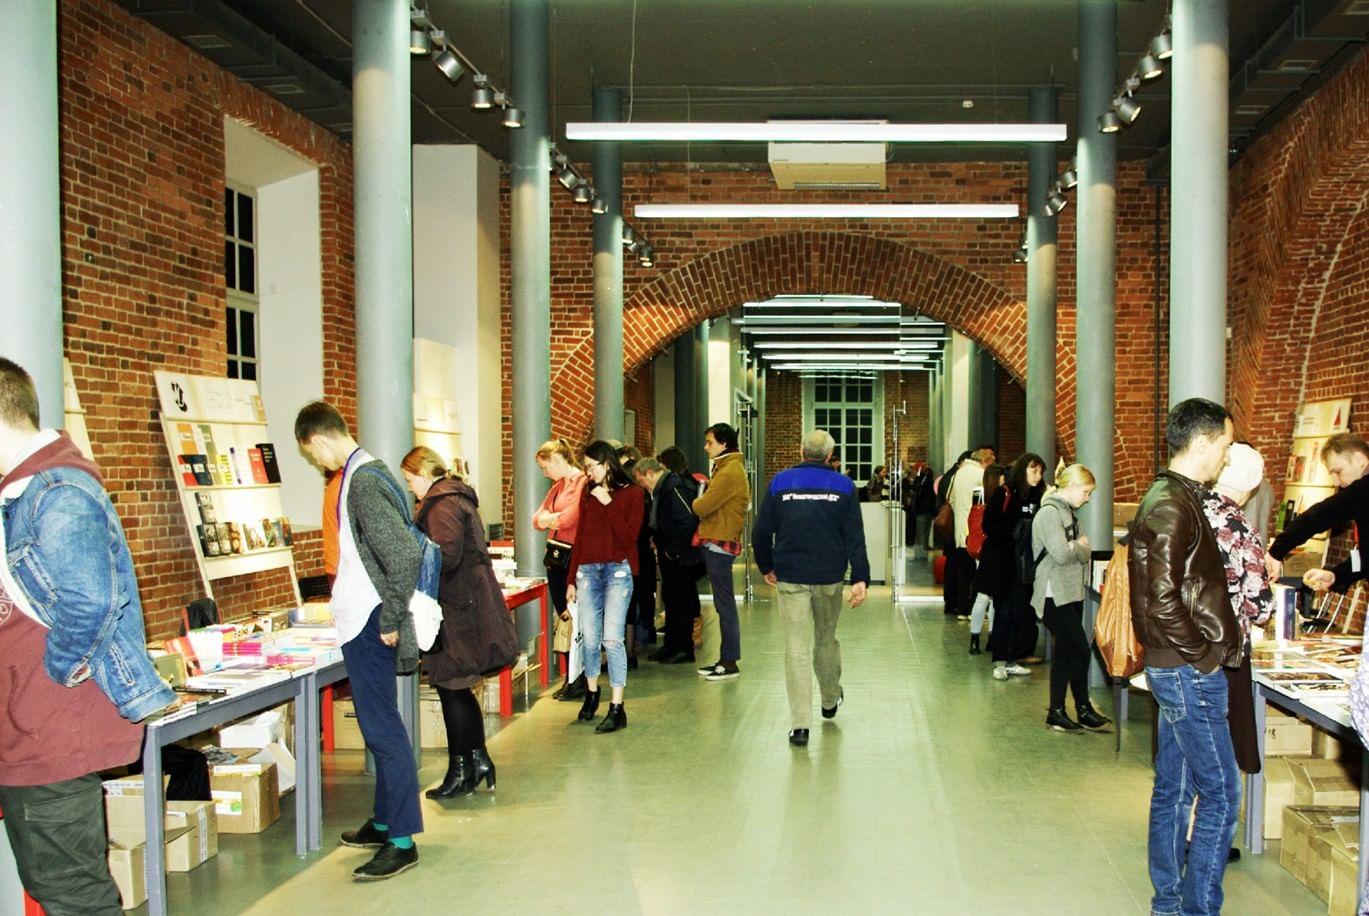 Фестиваль текстов об искусстве Vasari пройдет в Нижнем Новгороде